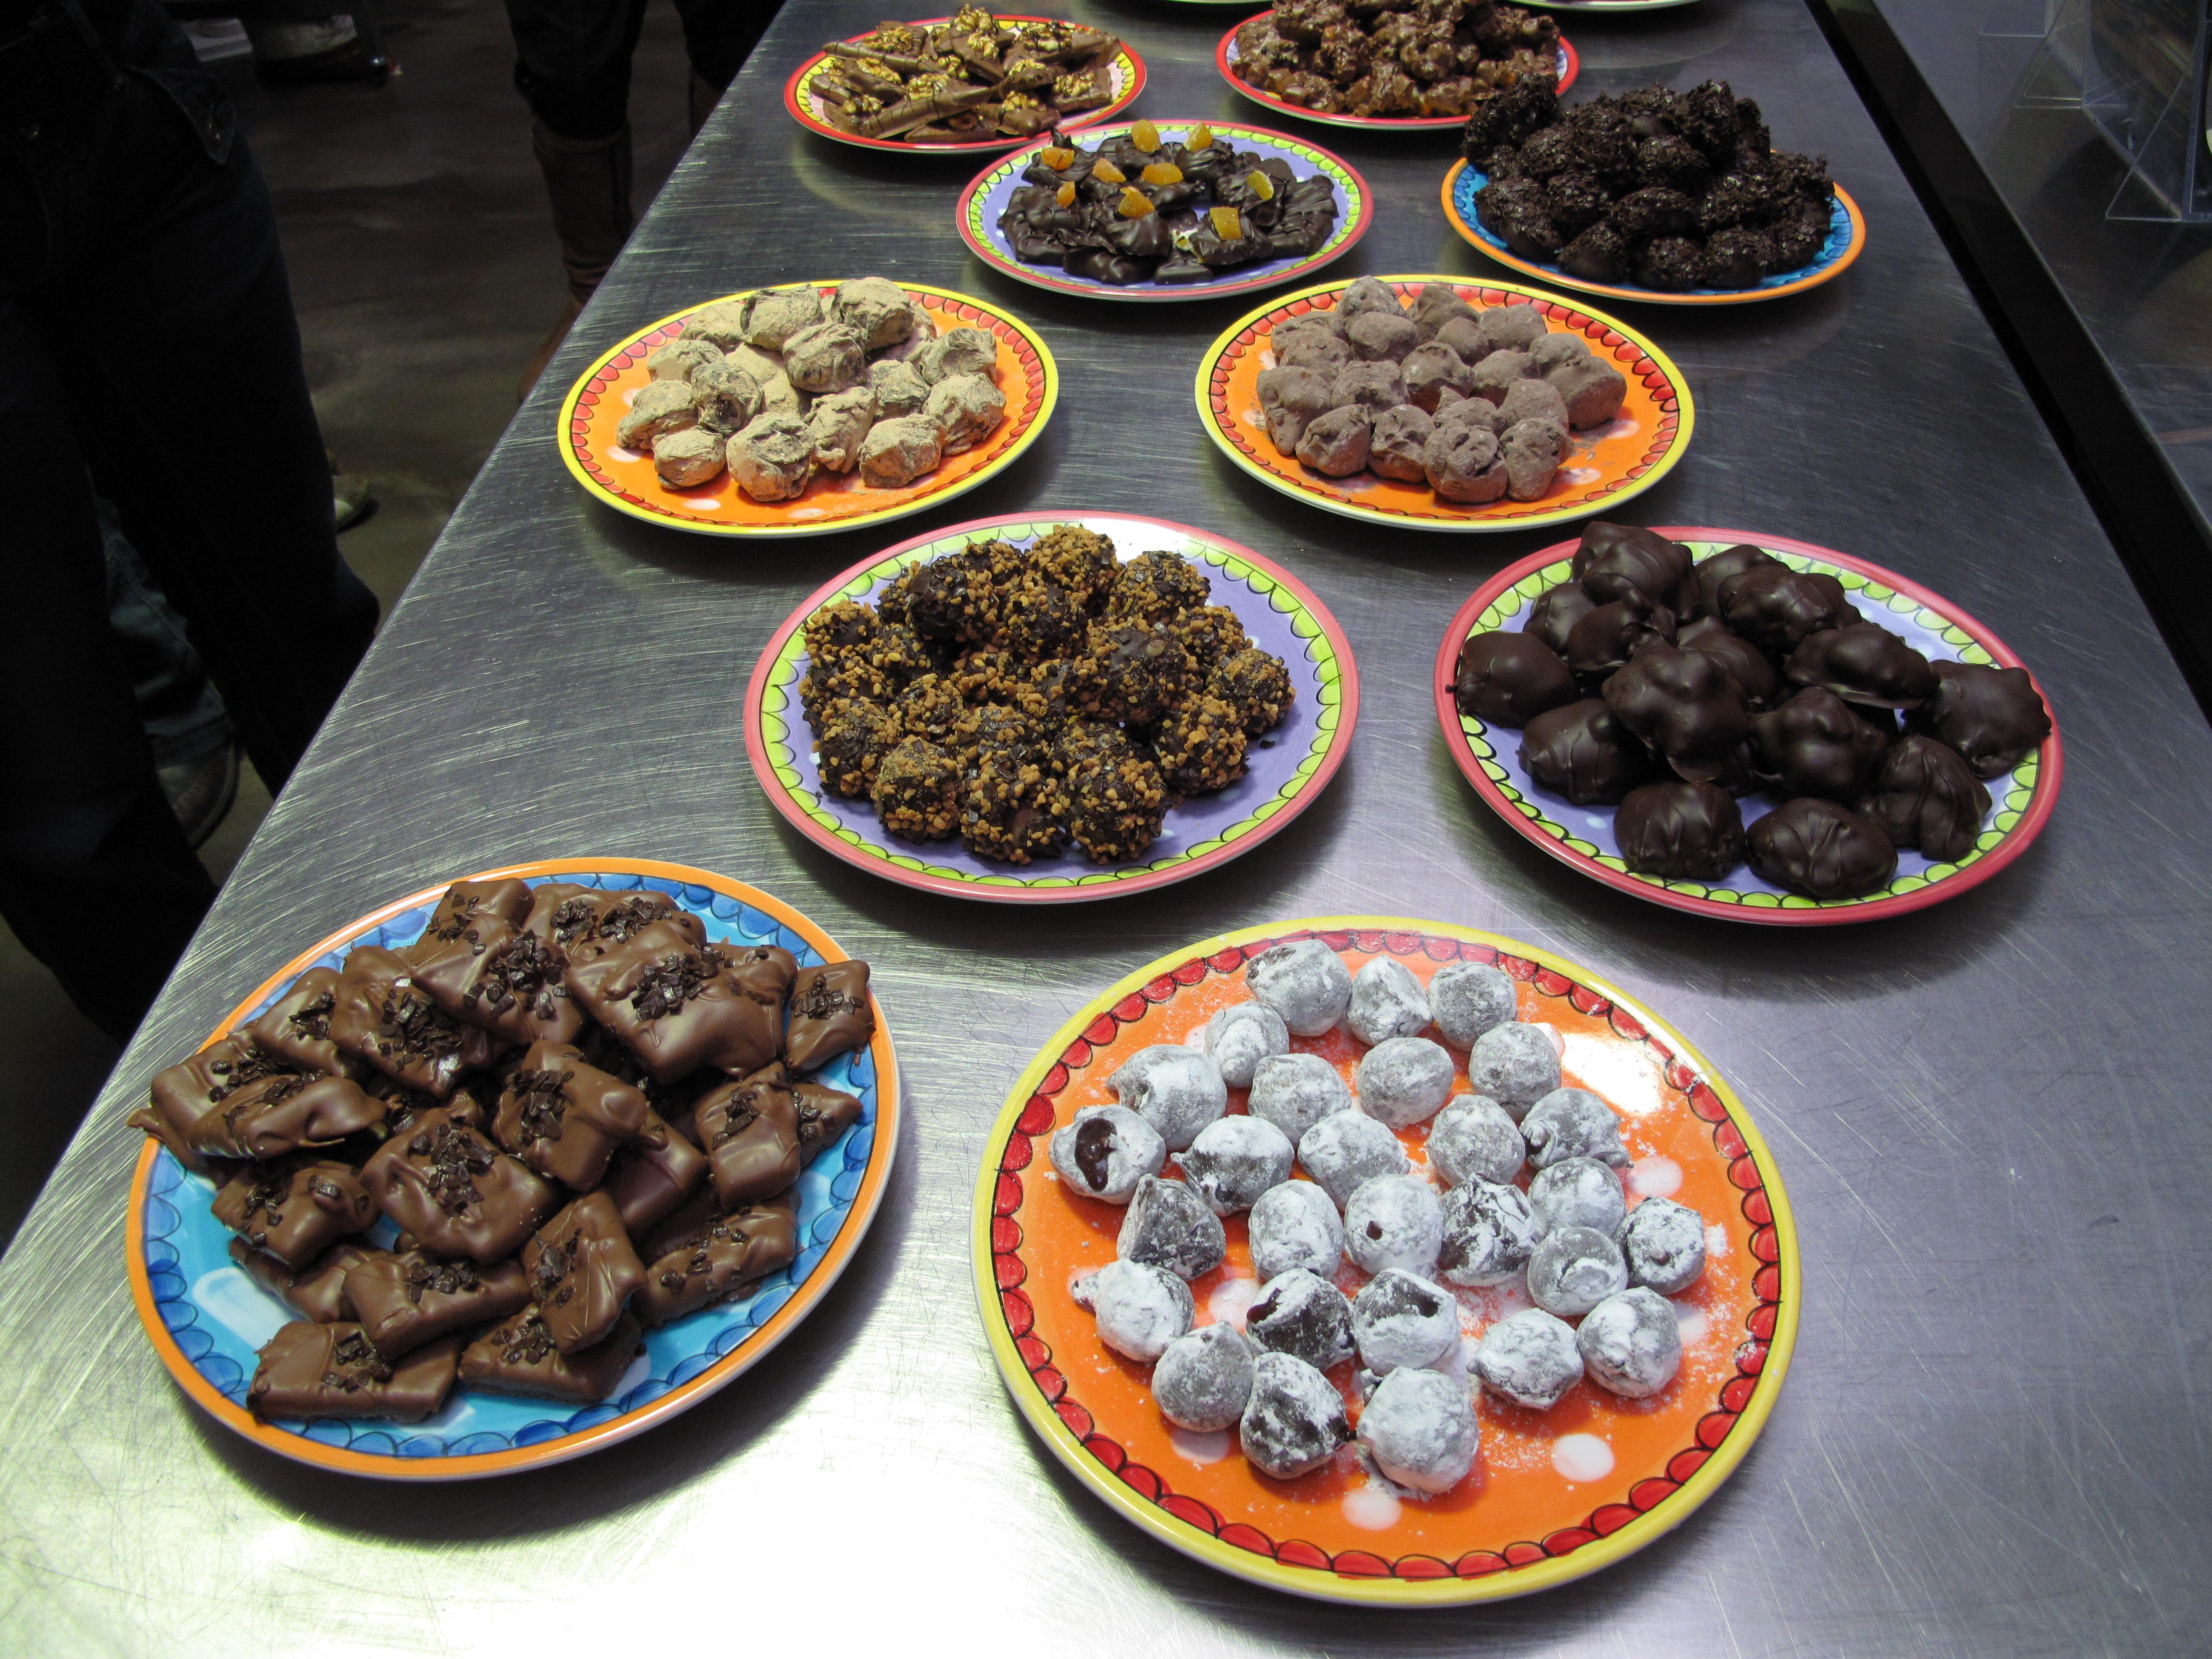 Eindresultaat-workshop-bonbons-maken-2